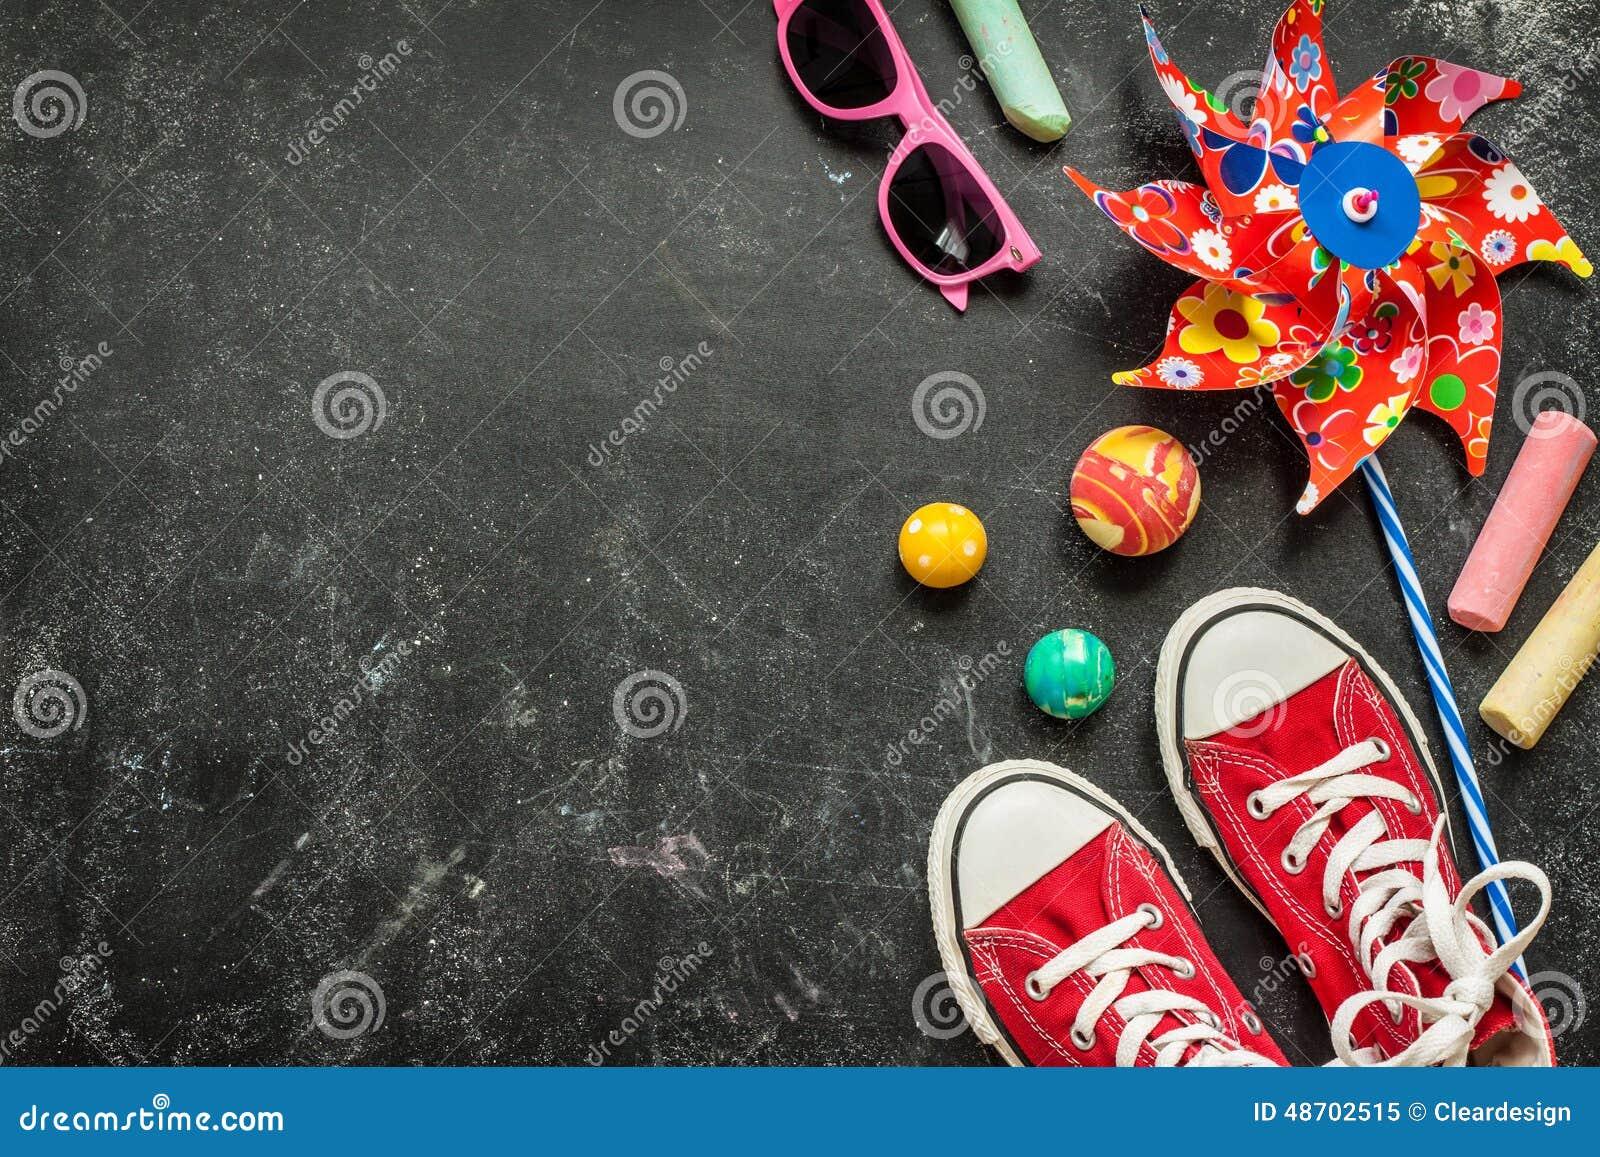 Παιχνίδια και κόκκινα πάνινα παπούτσια στο μαύρο πίνακα κιμωλίας - παιδική ηλικία